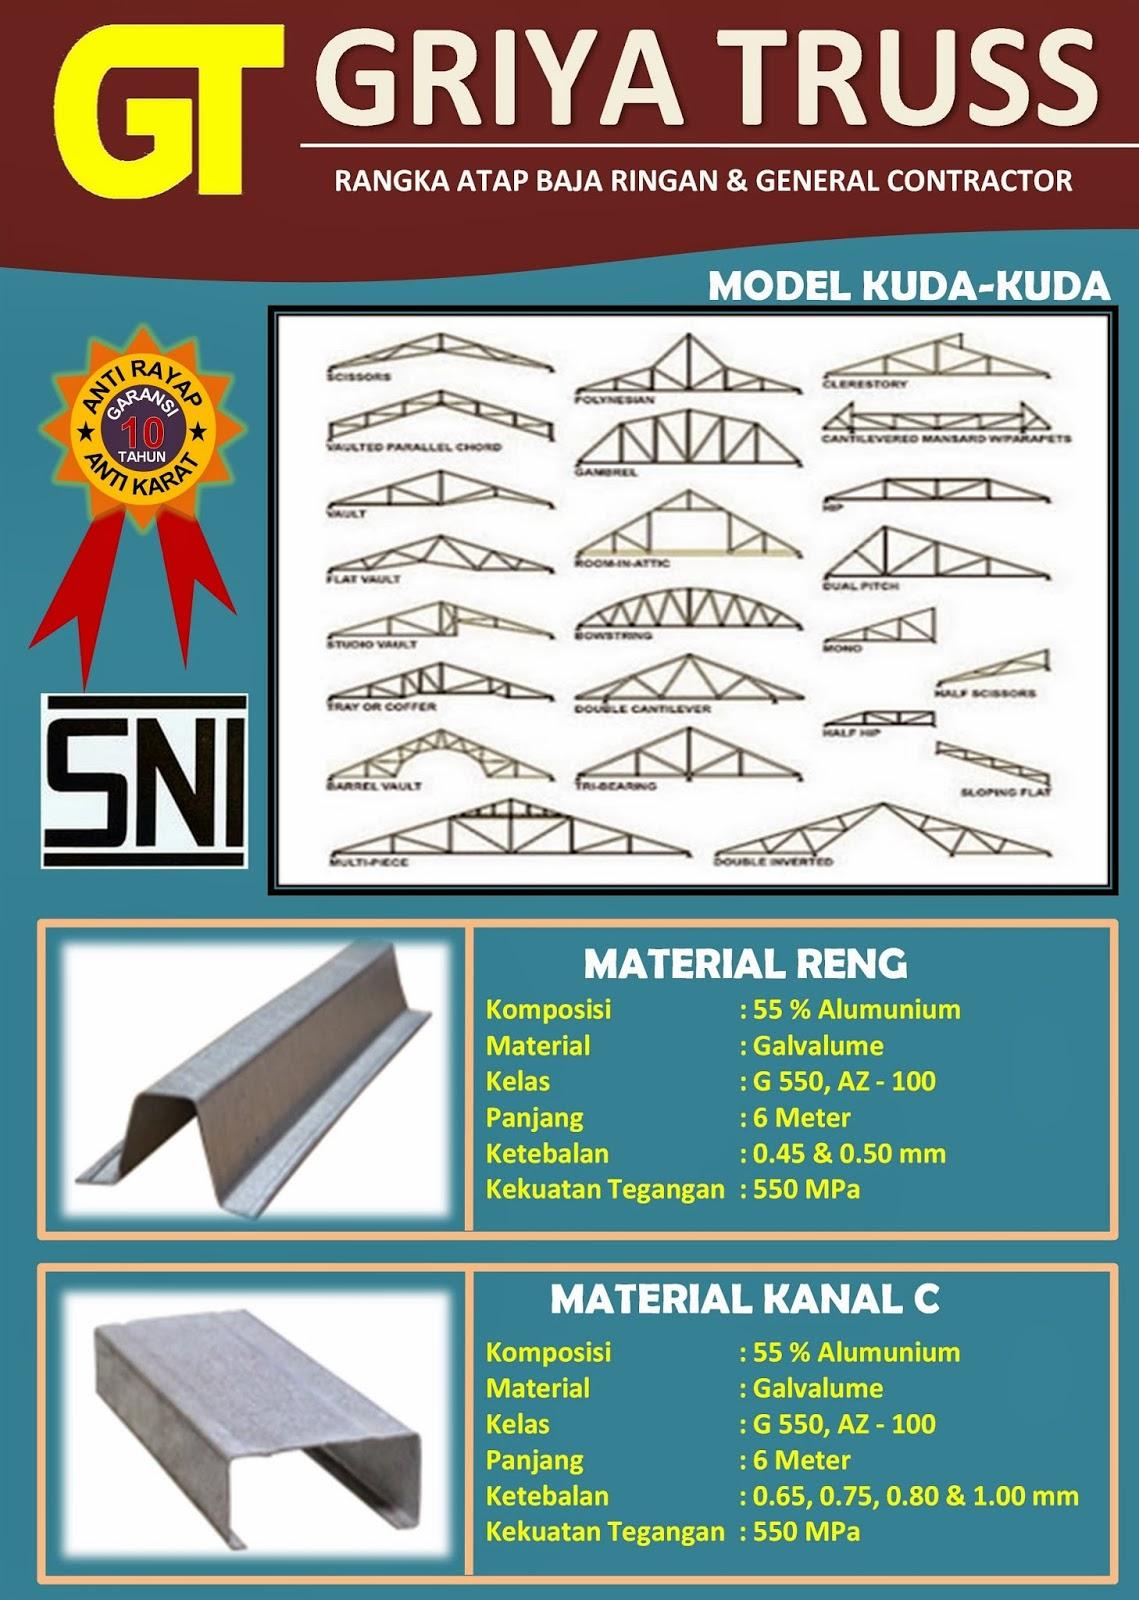 rangka atap baja ringan untuk teras ~ griya truss